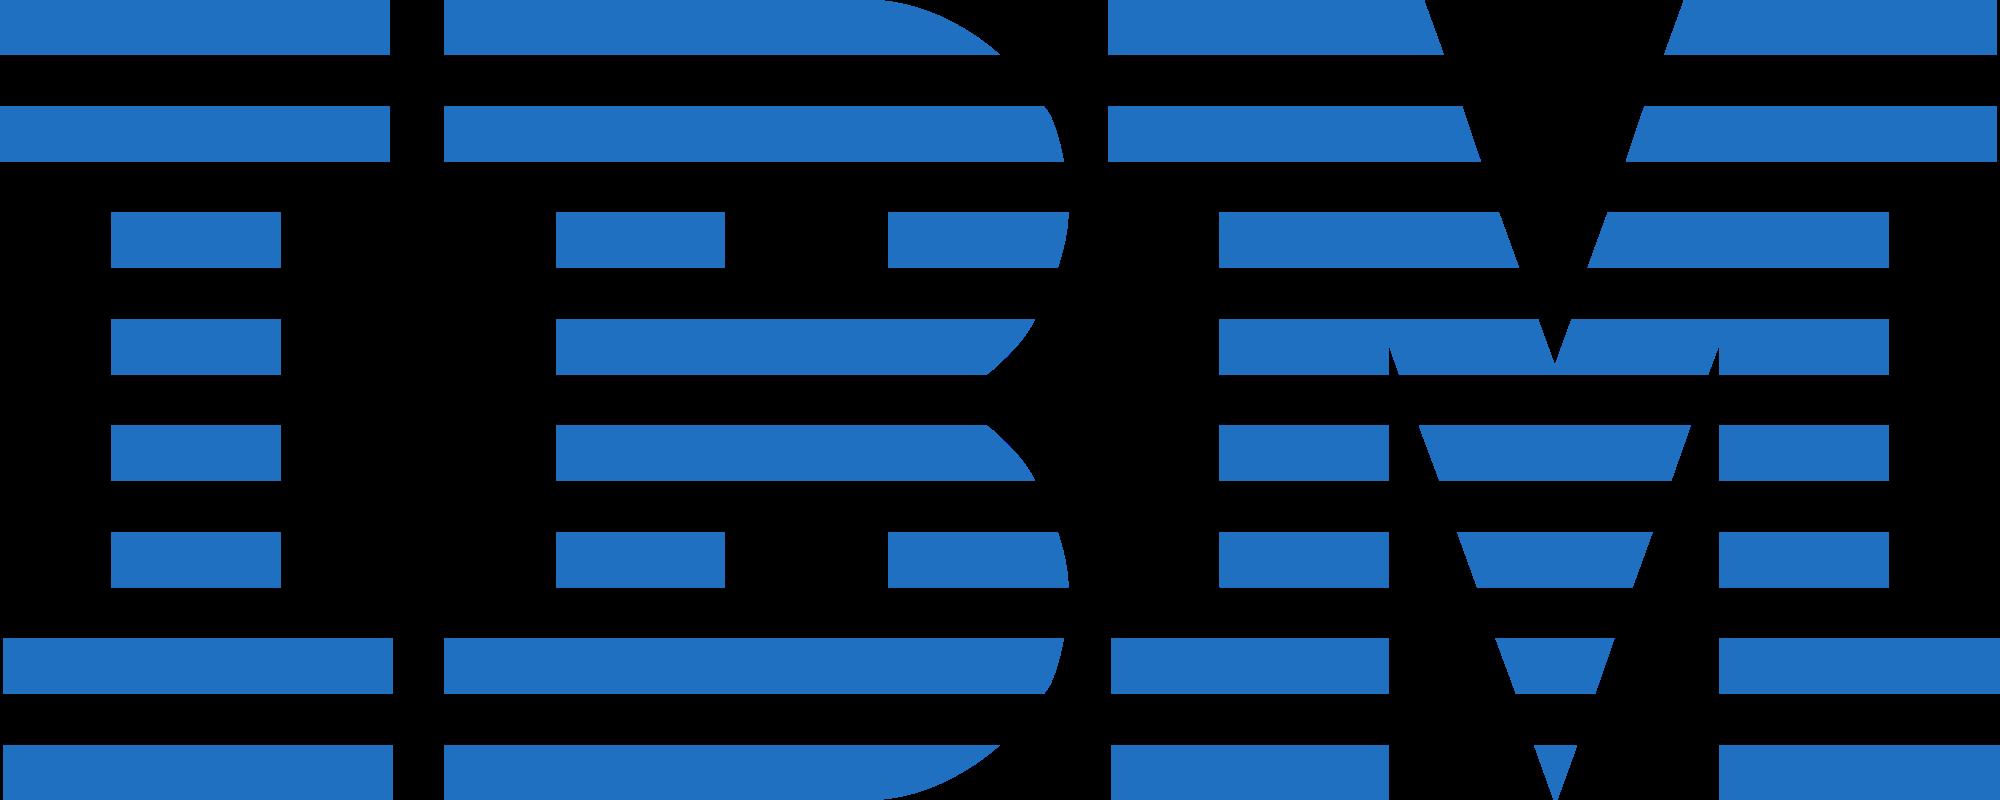 ibm logos png images free download ibm logo png rh pngimg com ibm logo png white ibm cognos logo png